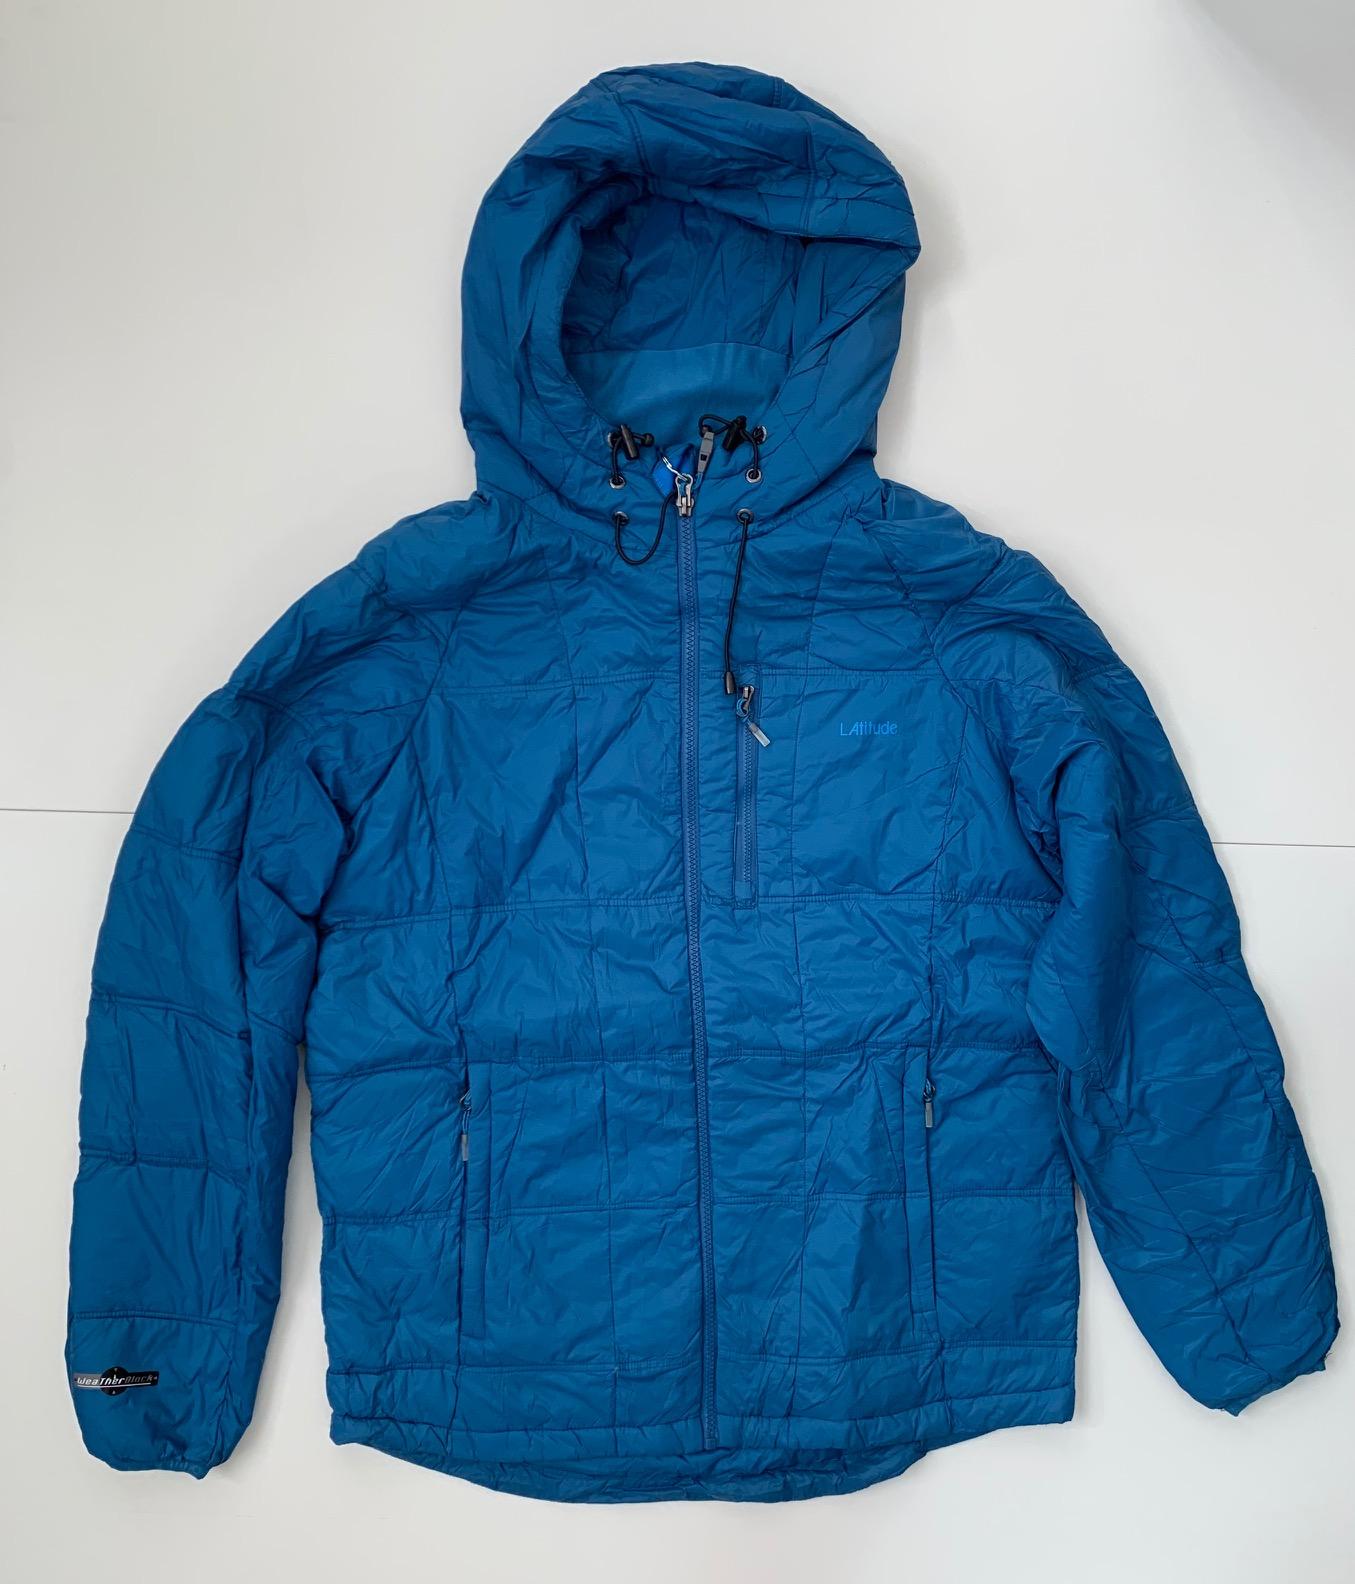 Синяя мужская куртка от Latitude